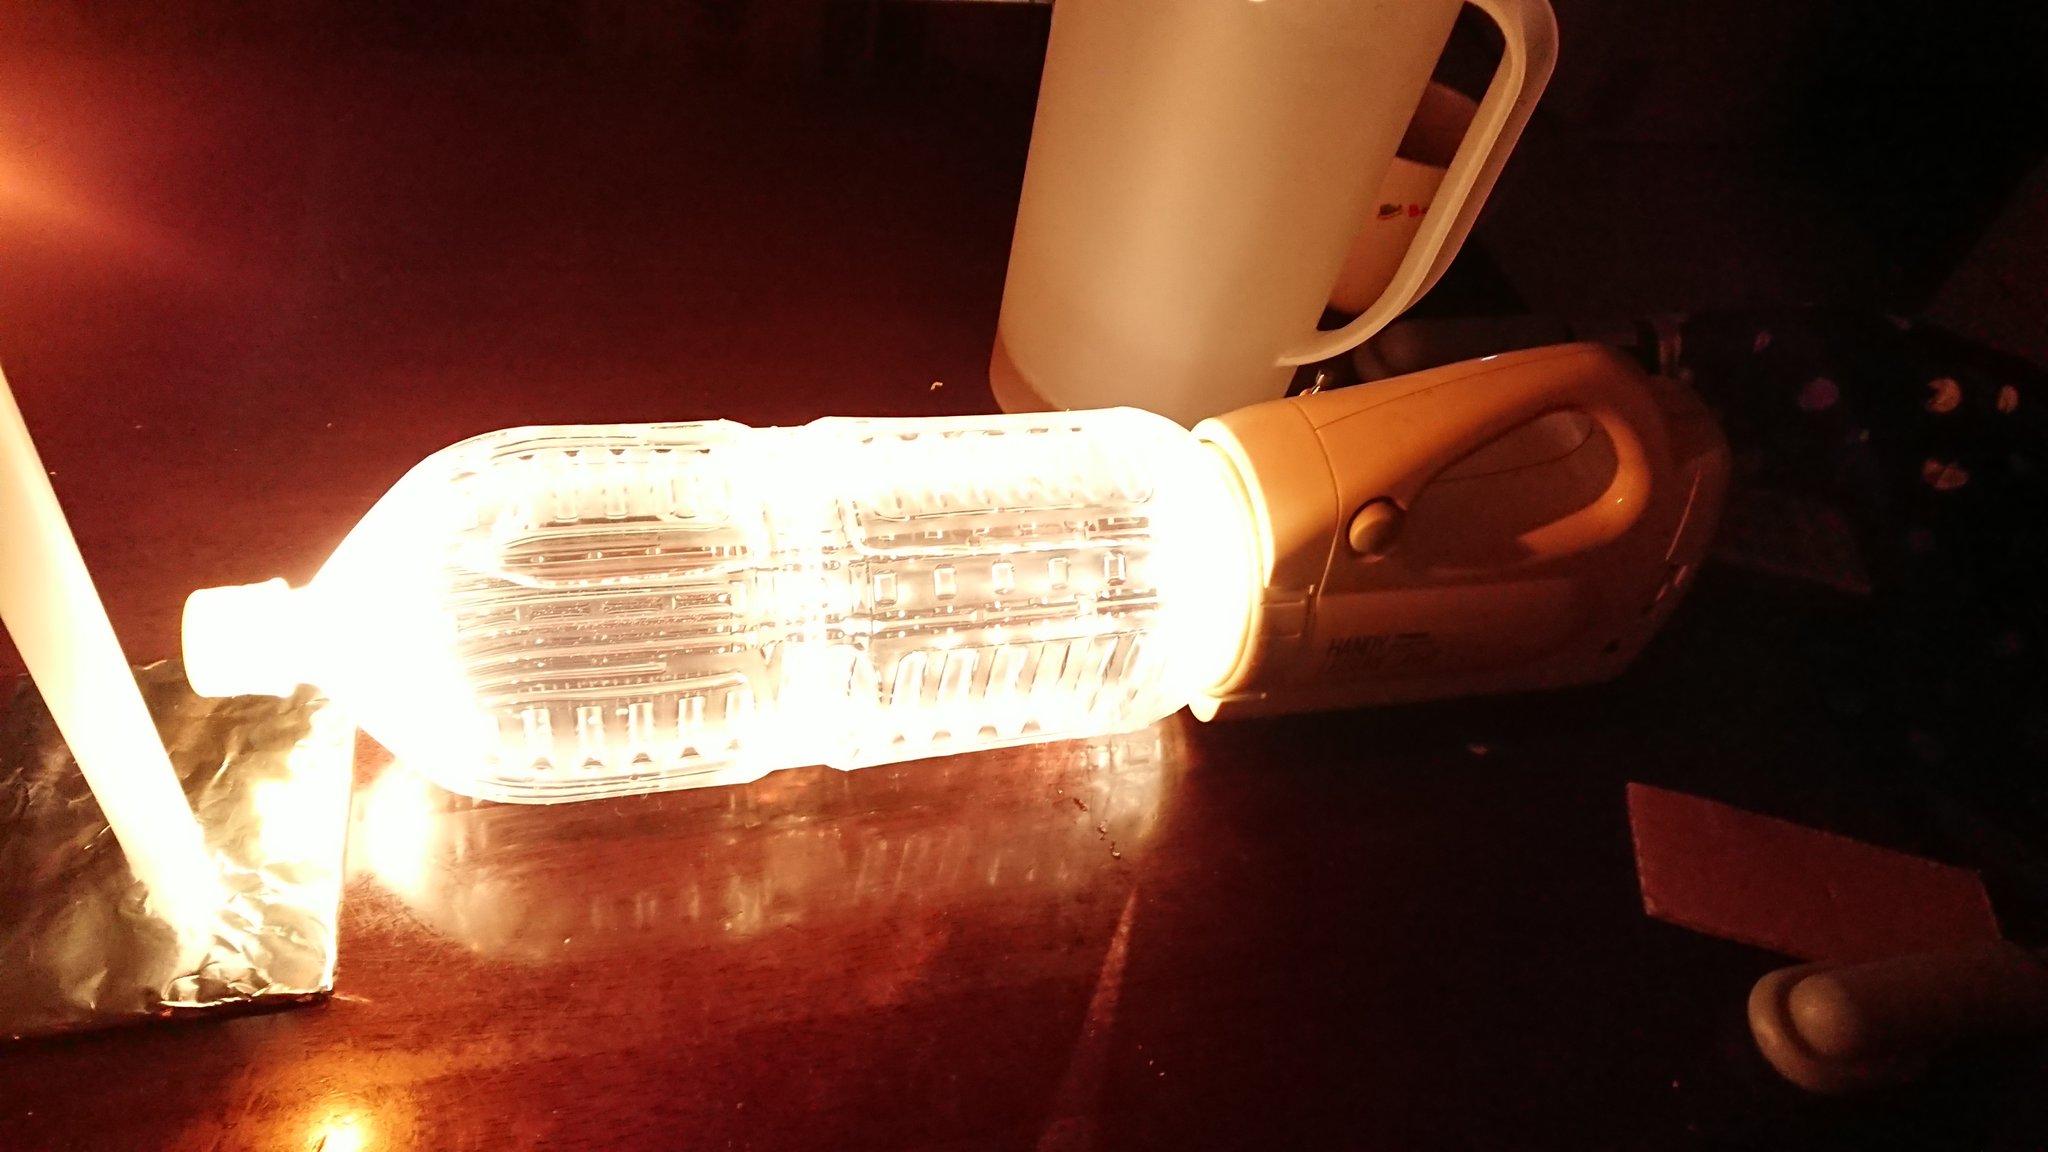 マジで明るくなるんで2lペットボトル+水+懐中電灯お薦めします。 昨年の胆振地震でだいぶお世話になりました。